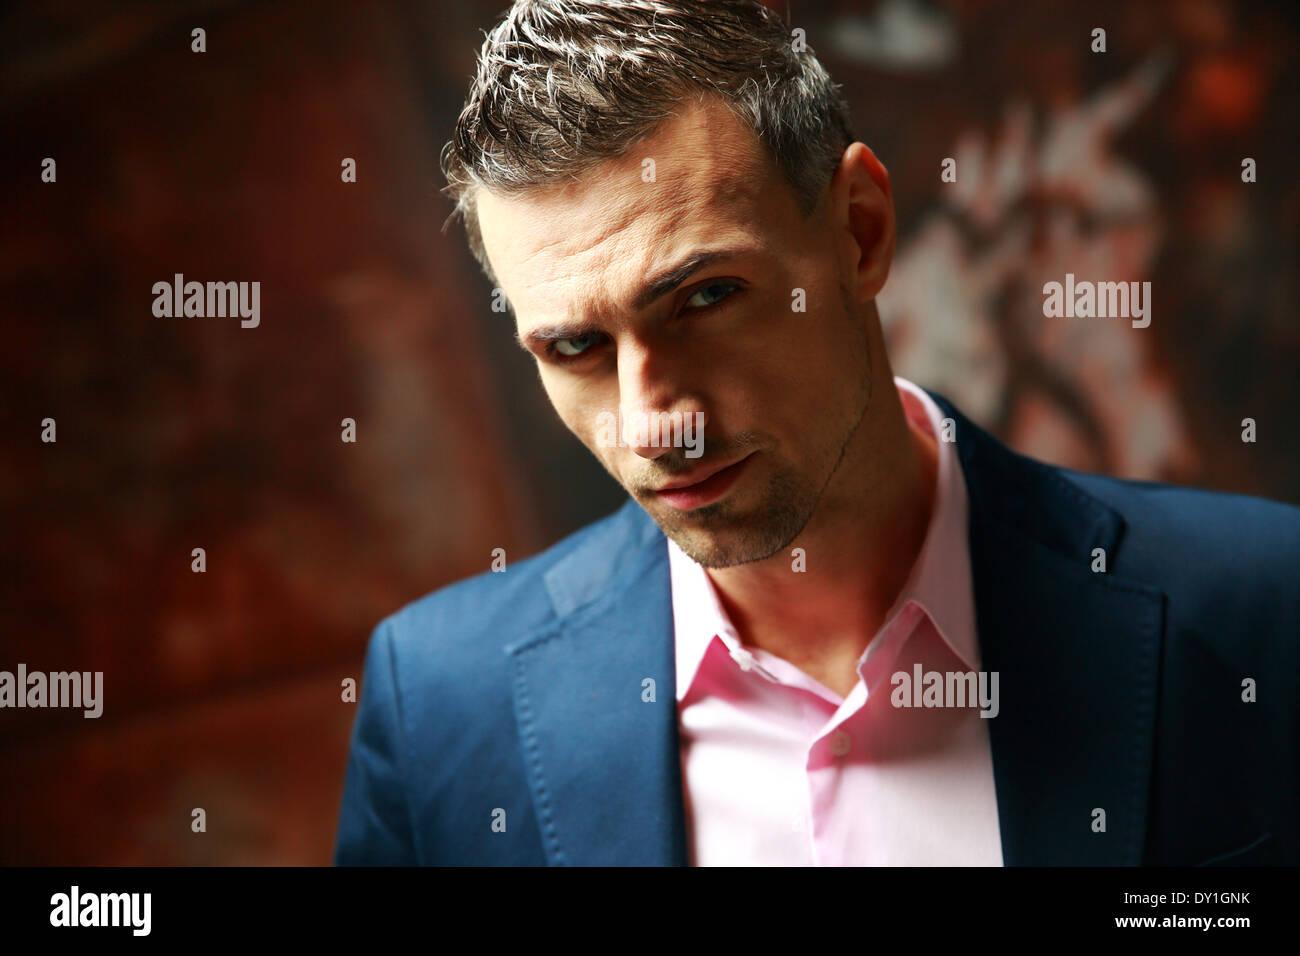 Ritratto di un imprenditore fiducioso Immagini Stock